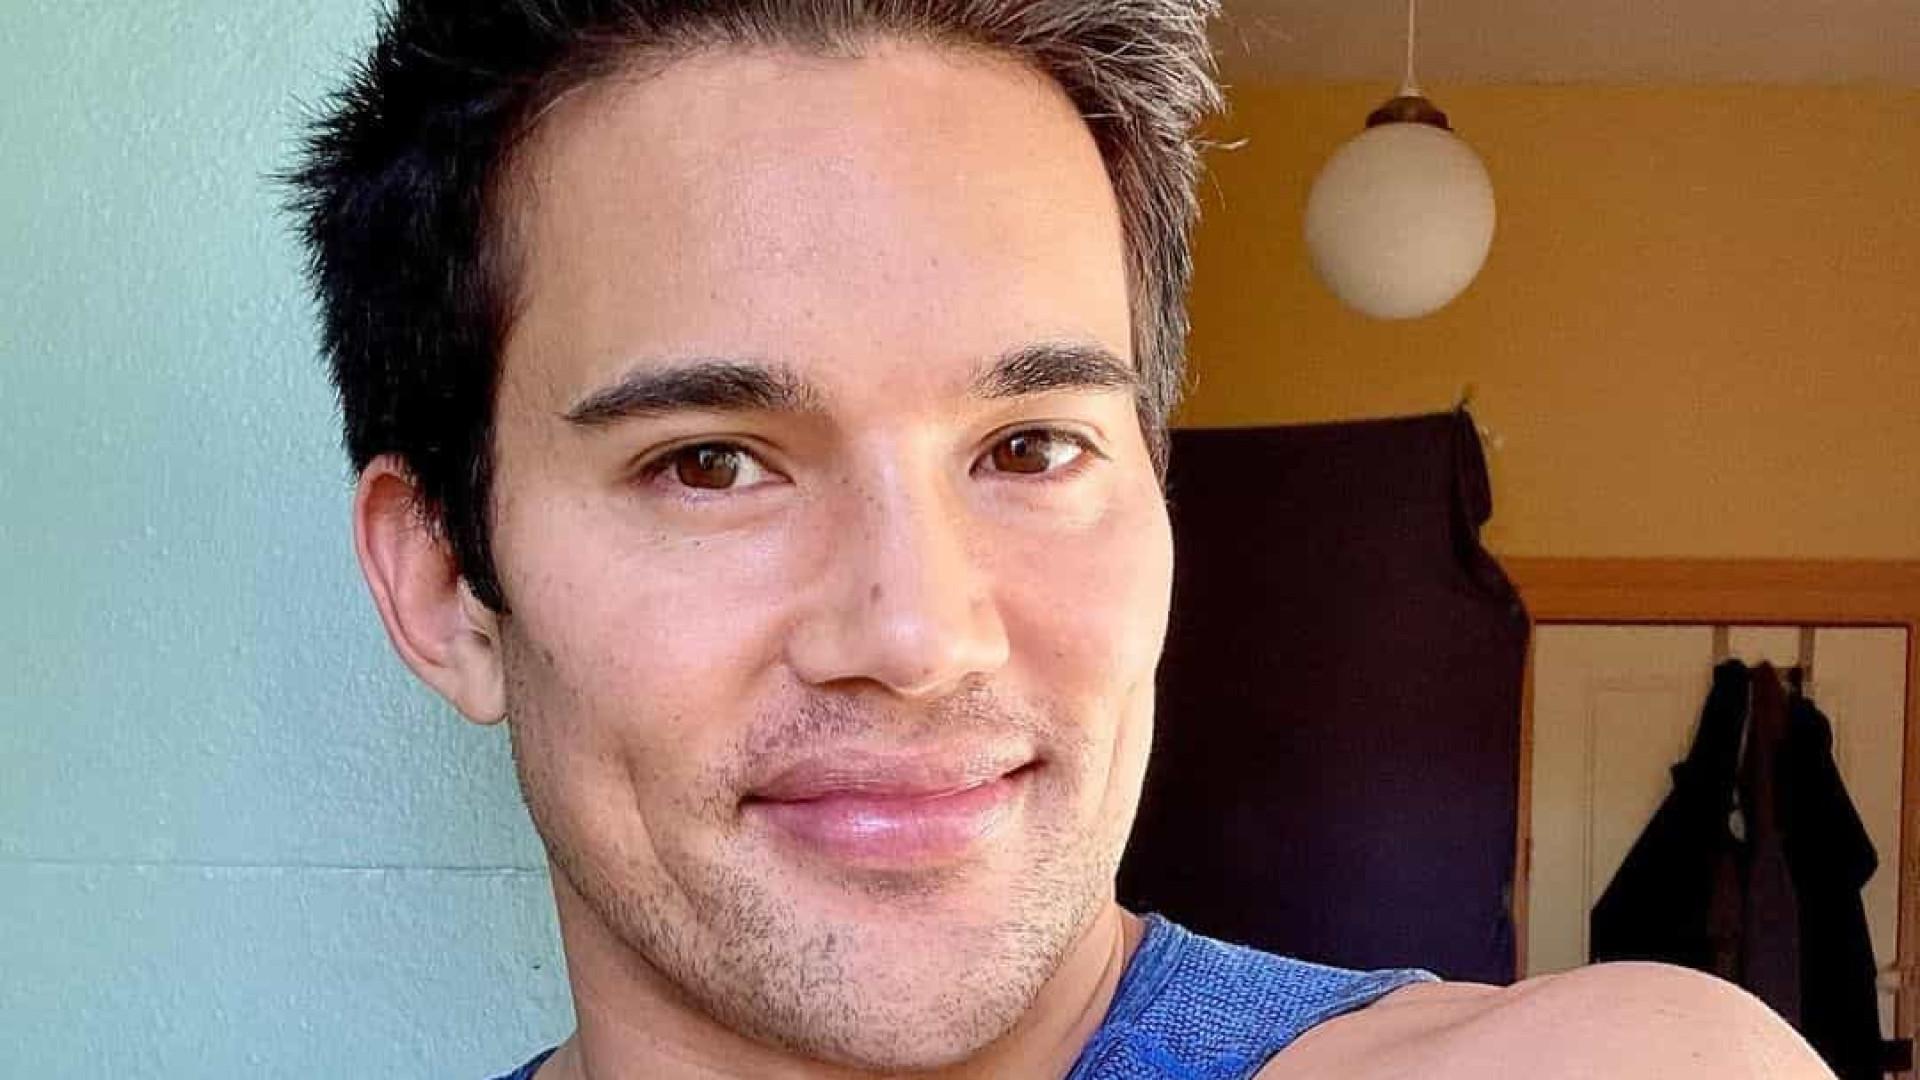 Ator Francis Mossman, de 'Spartacus: Blood and Sand', morre aos 33 anos